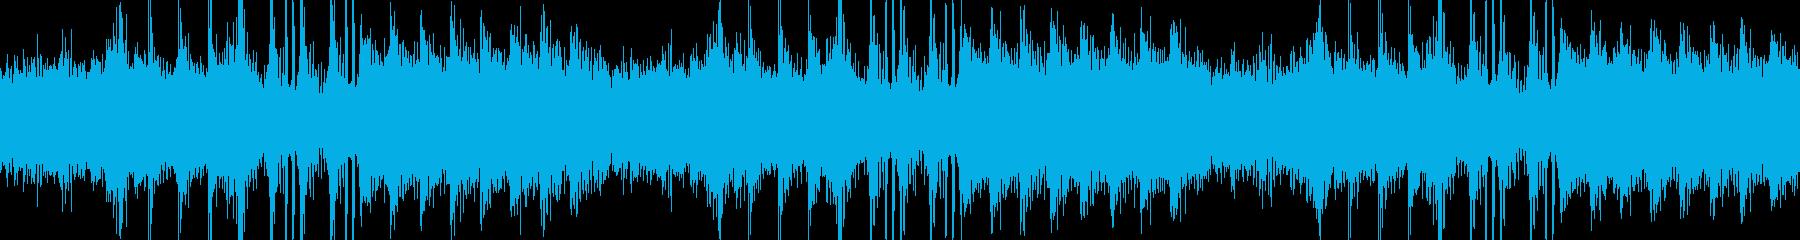 アンビエントなエレクトロニカの再生済みの波形